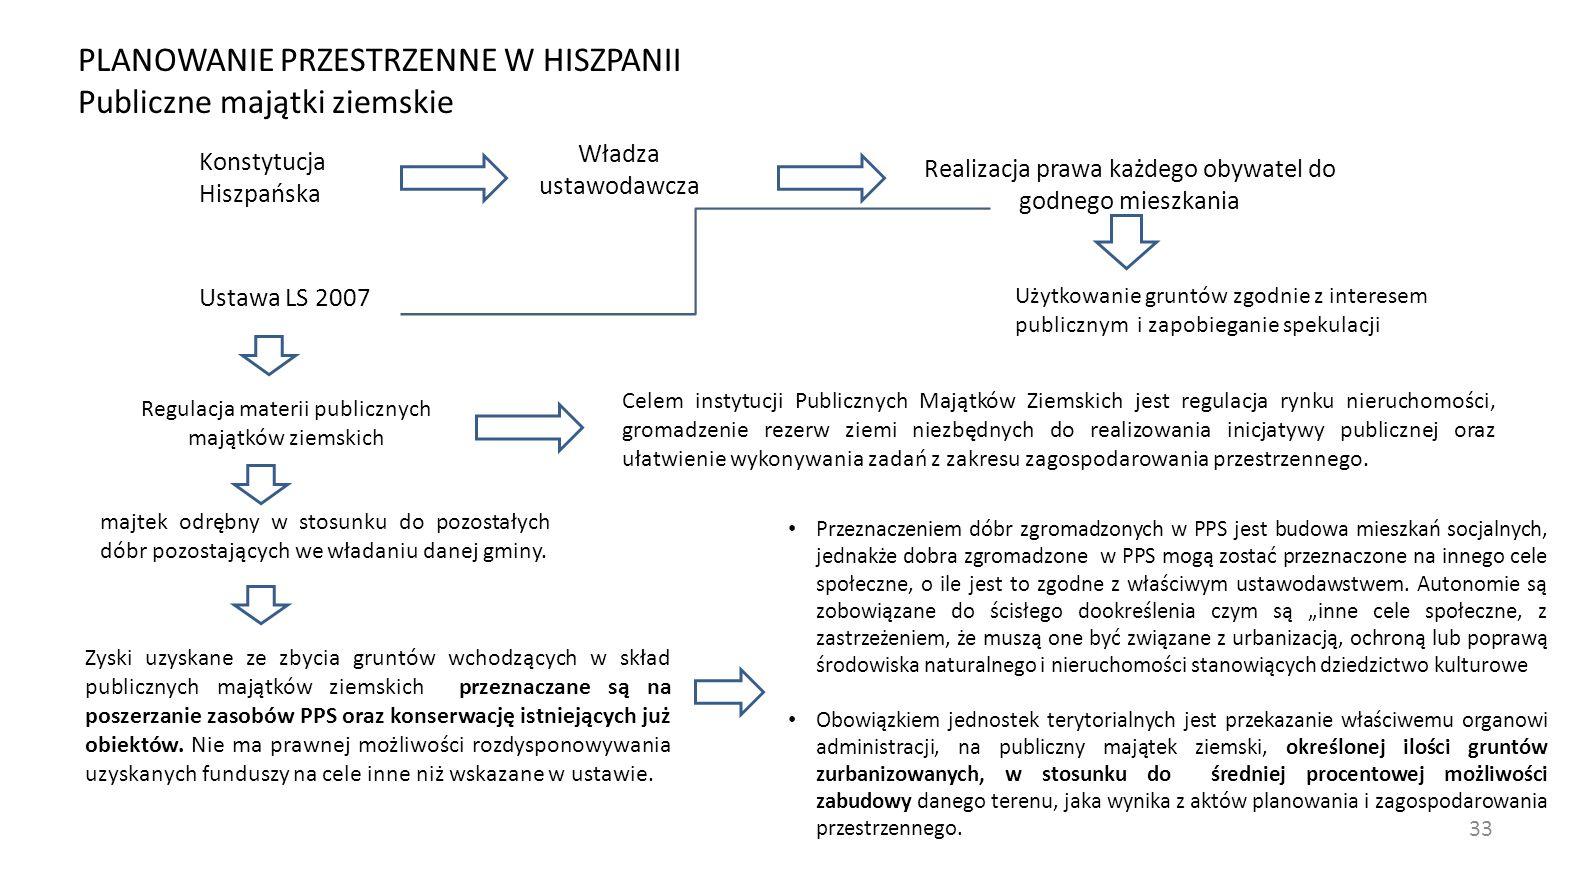 33 Regulacja materii publicznych majątków ziemskich Konstytucja Hiszpańska Władza ustawodawcza Realizacja prawa każdego obywatel do godnego mieszkania Użytkowanie gruntów zgodnie z interesem publicznym i zapobieganie spekulacji Ustawa LS 2007 majtek odrębny w stosunku do pozostałych dóbr pozostających we władaniu danej gminy.